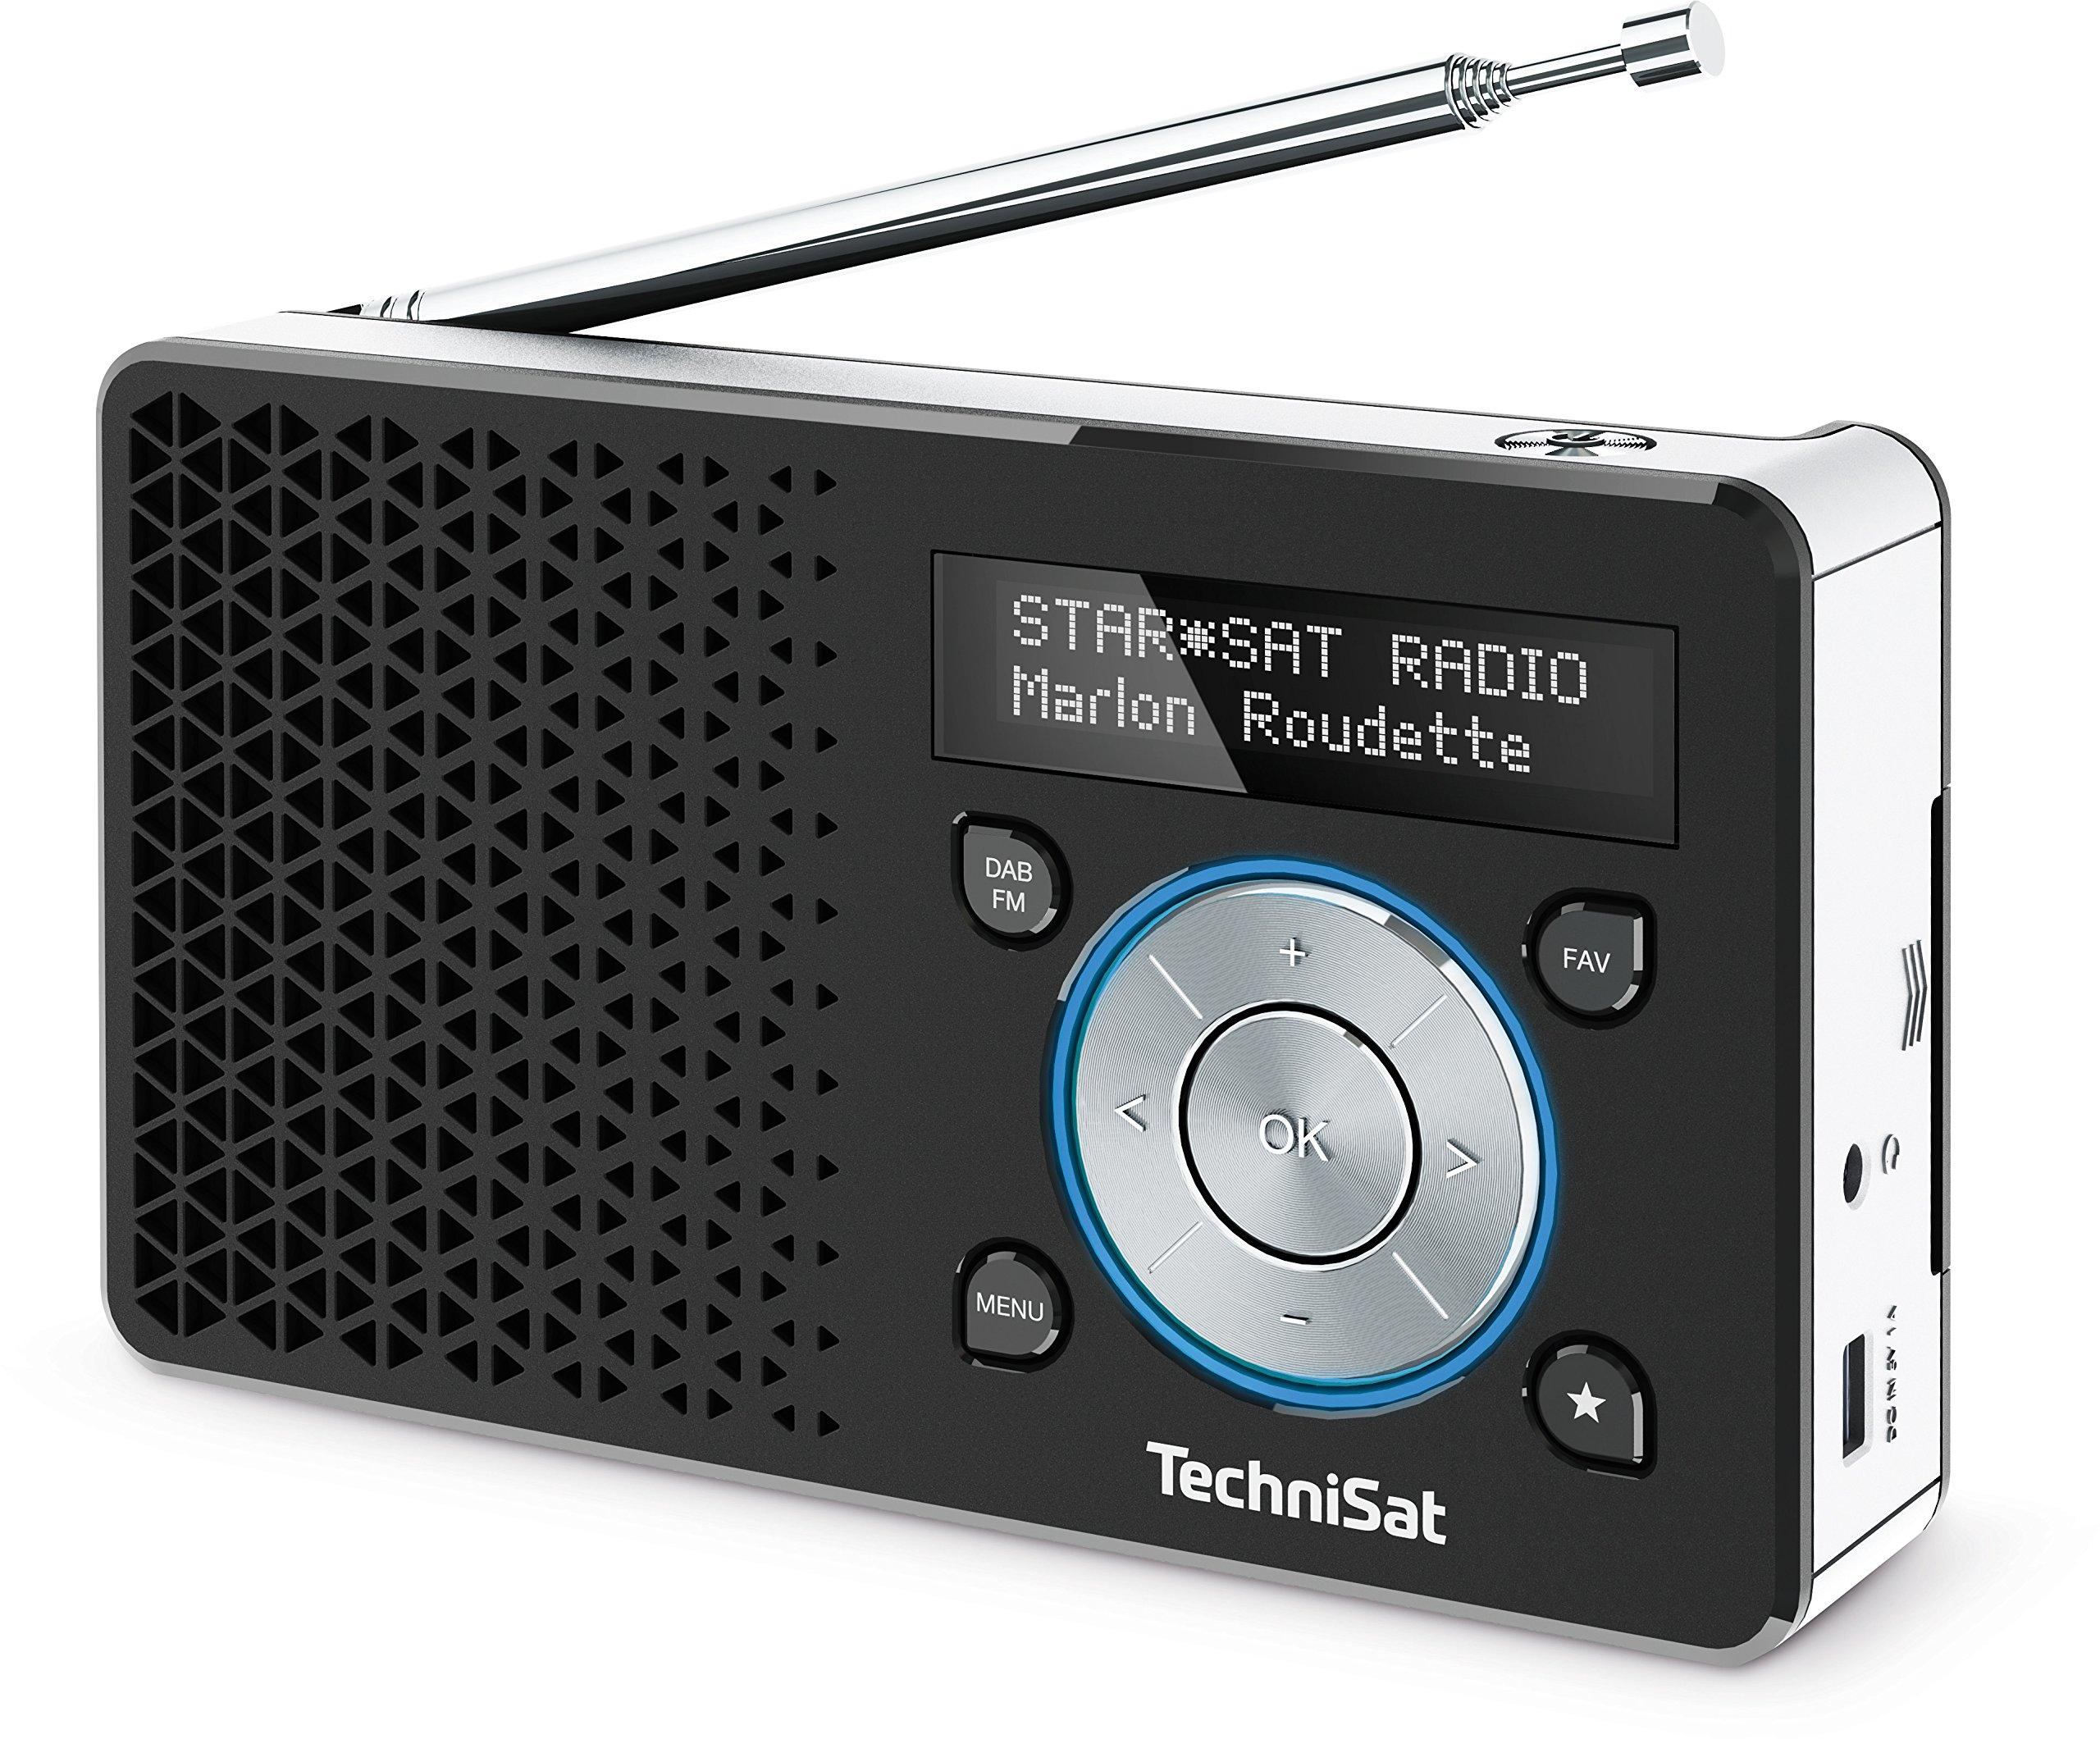 TechniSat Digitradio 1 Digital-Radio Made in Germany (klein, tragbar, für Outdoor geeignet) mit Lautsprecher, OLED-Display, DAB+, UKW, Favoritenspeicher und leistungsstarkem Akku, schwarz/Silber product image